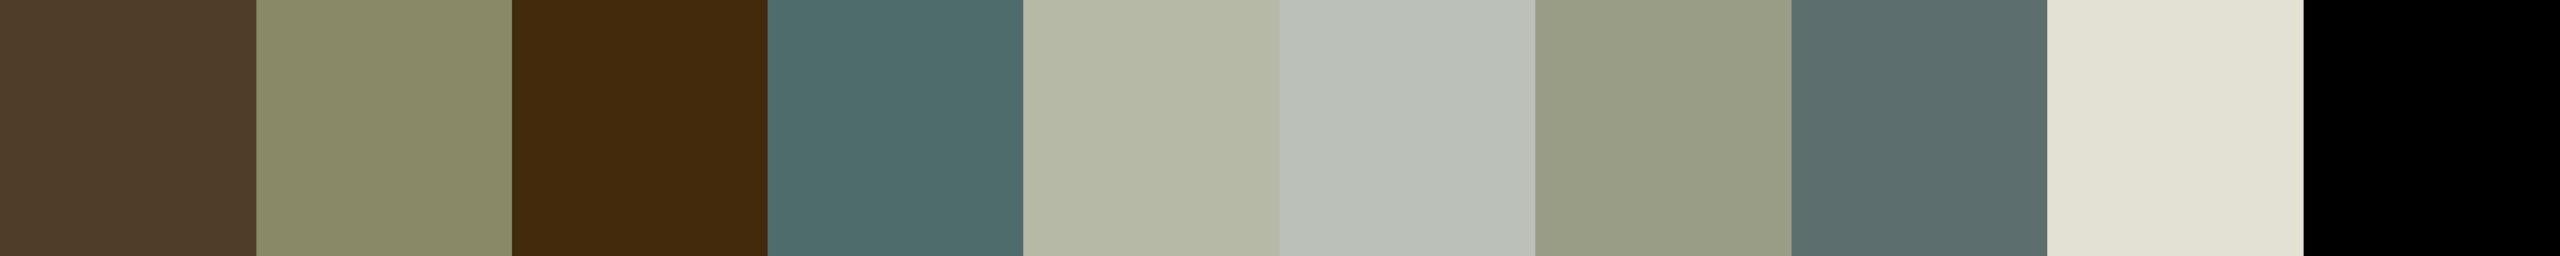 235 Amygdalea Color Palette